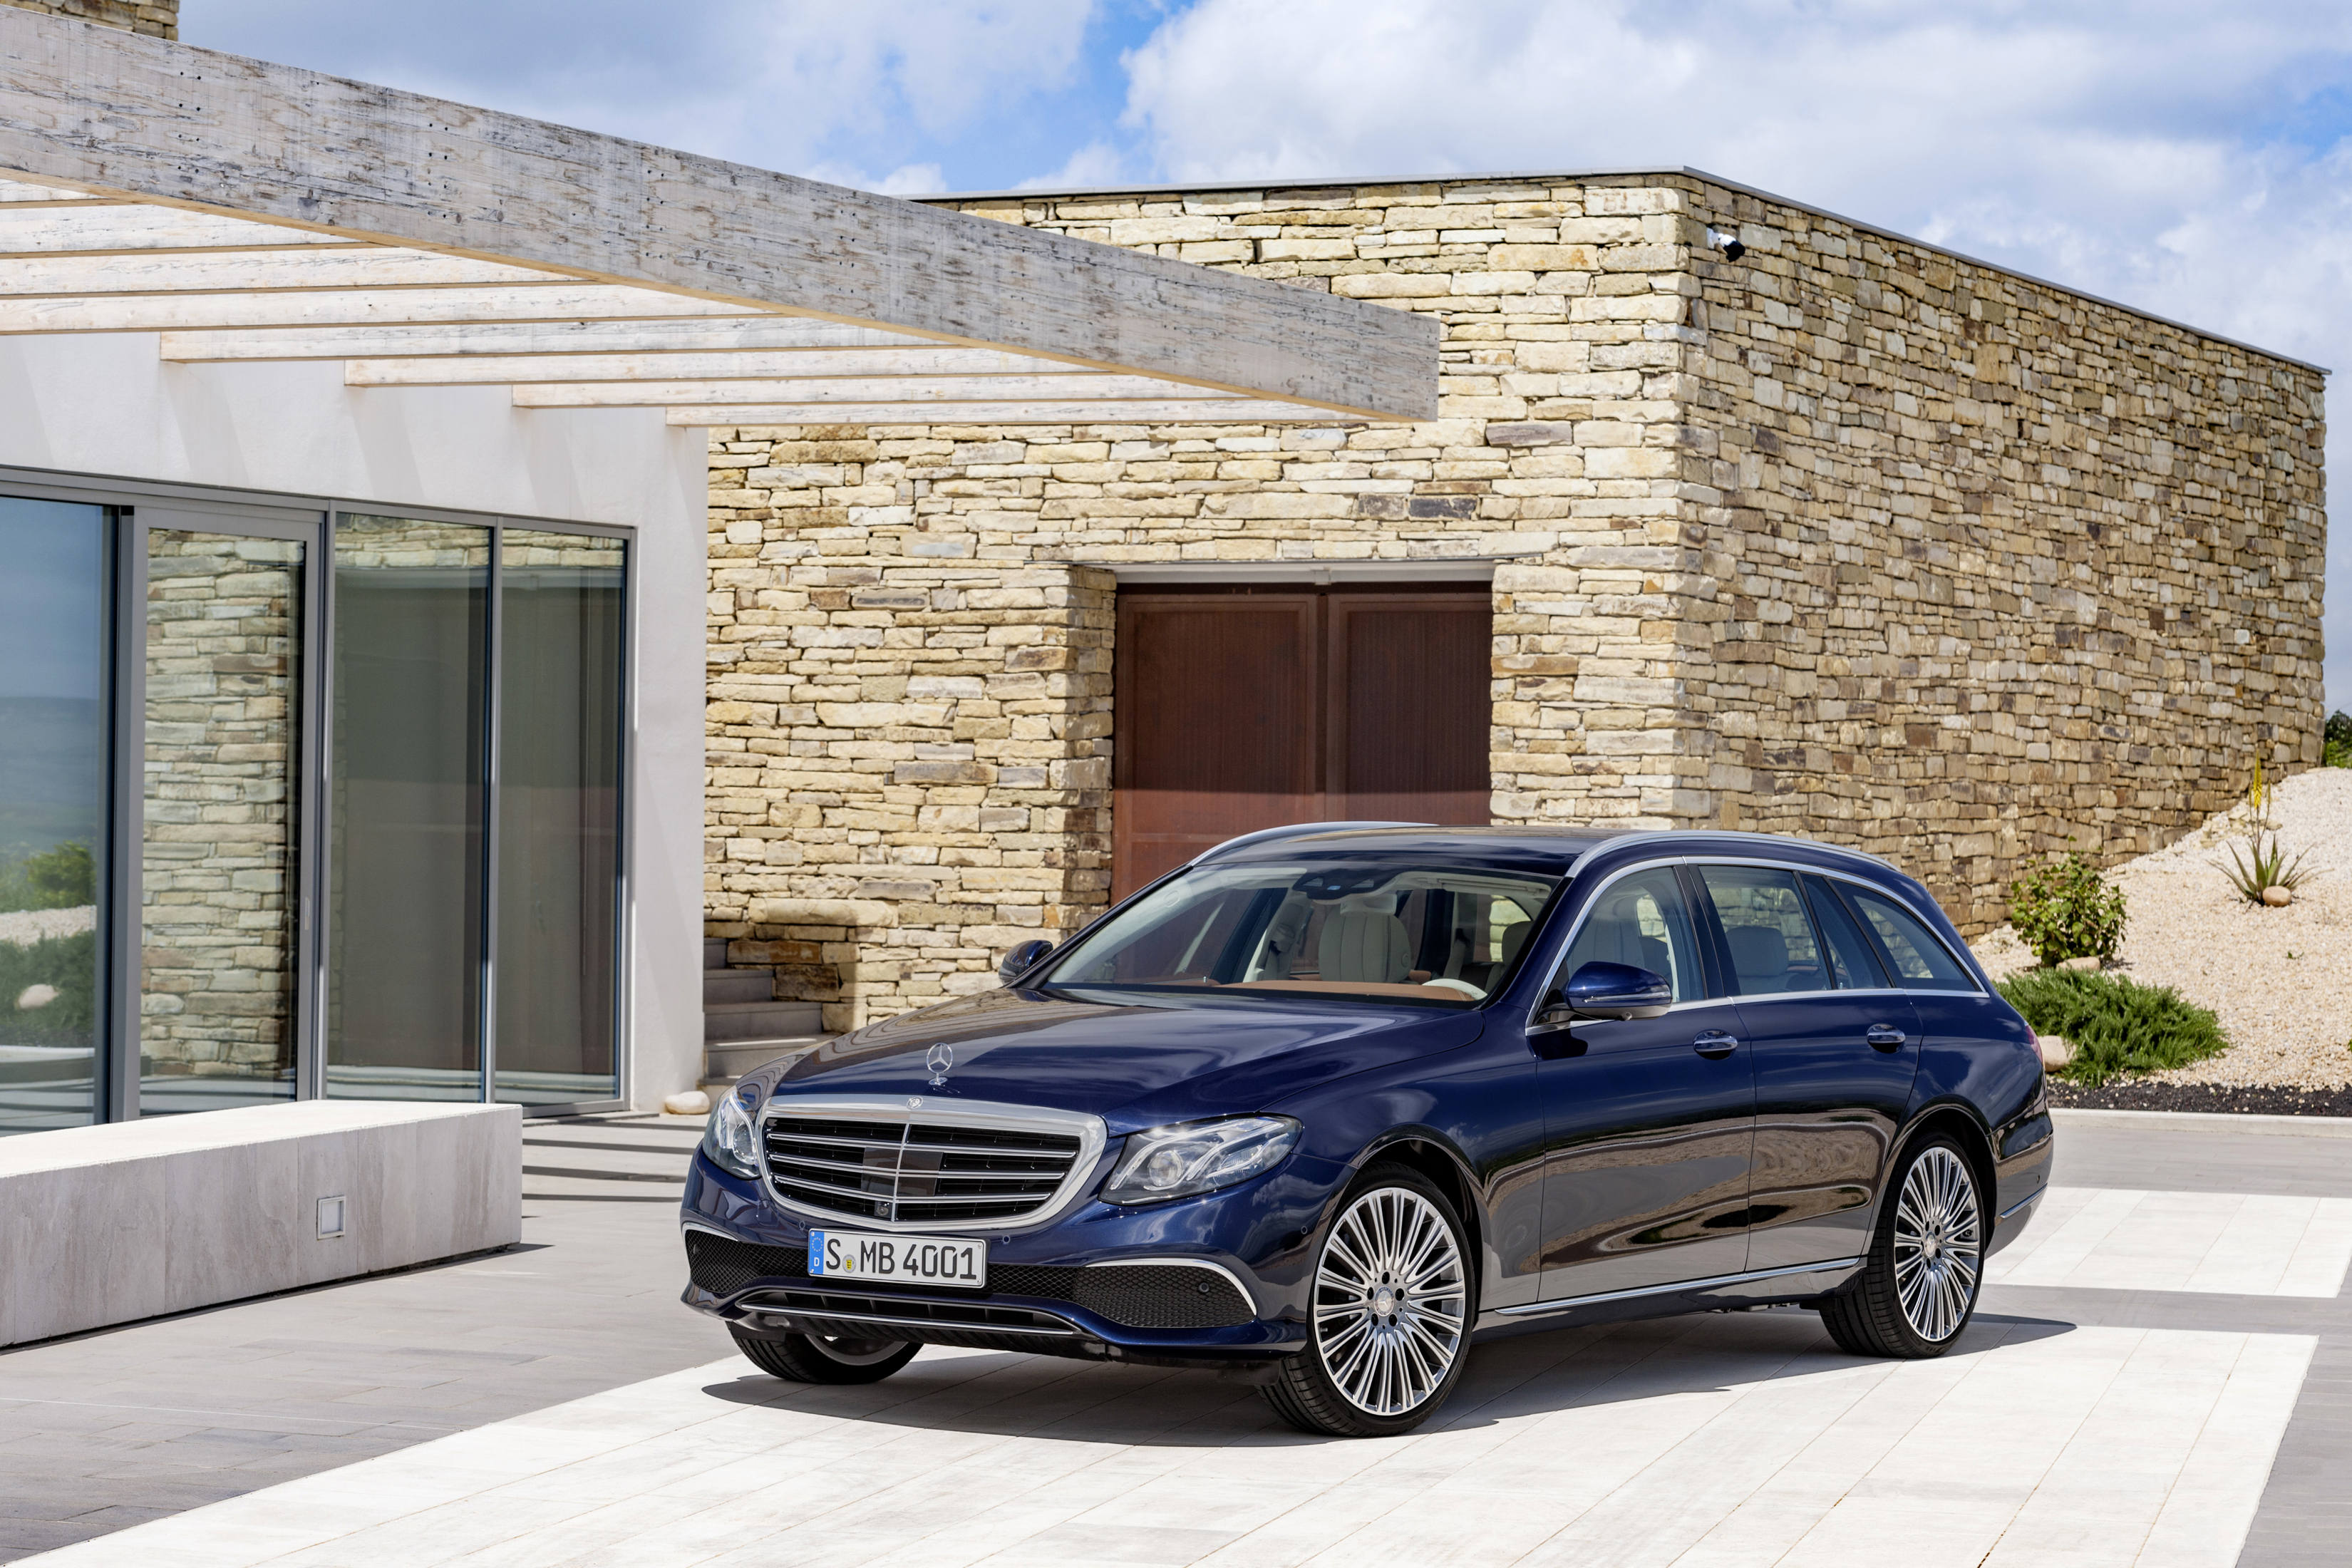 Картинка Mercedes-Benz 2016 E 200 d Exclusive Line Estate синяя Металлик Автомобили 3300x2200 Мерседес бенц синих синие Синий авто машина машины автомобиль